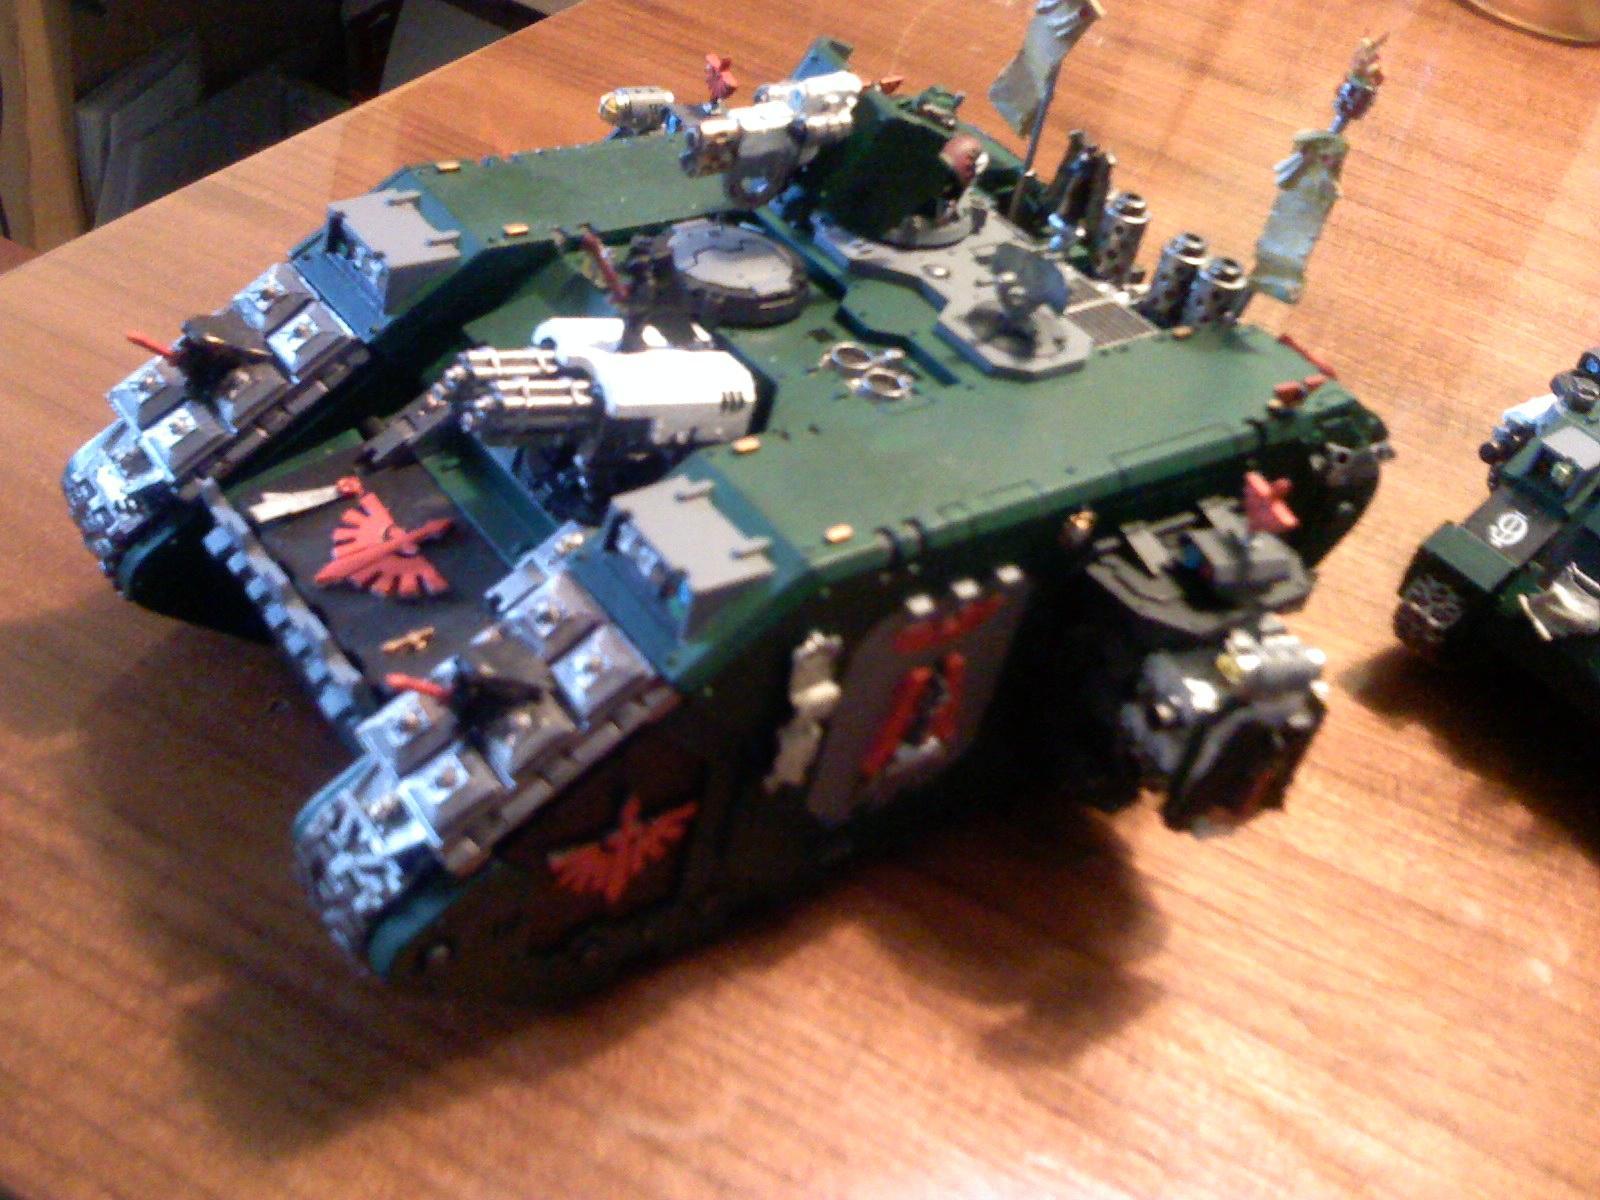 Crusader, Dark Angels, Land Raider, Space Marines, Warhammer 40,000